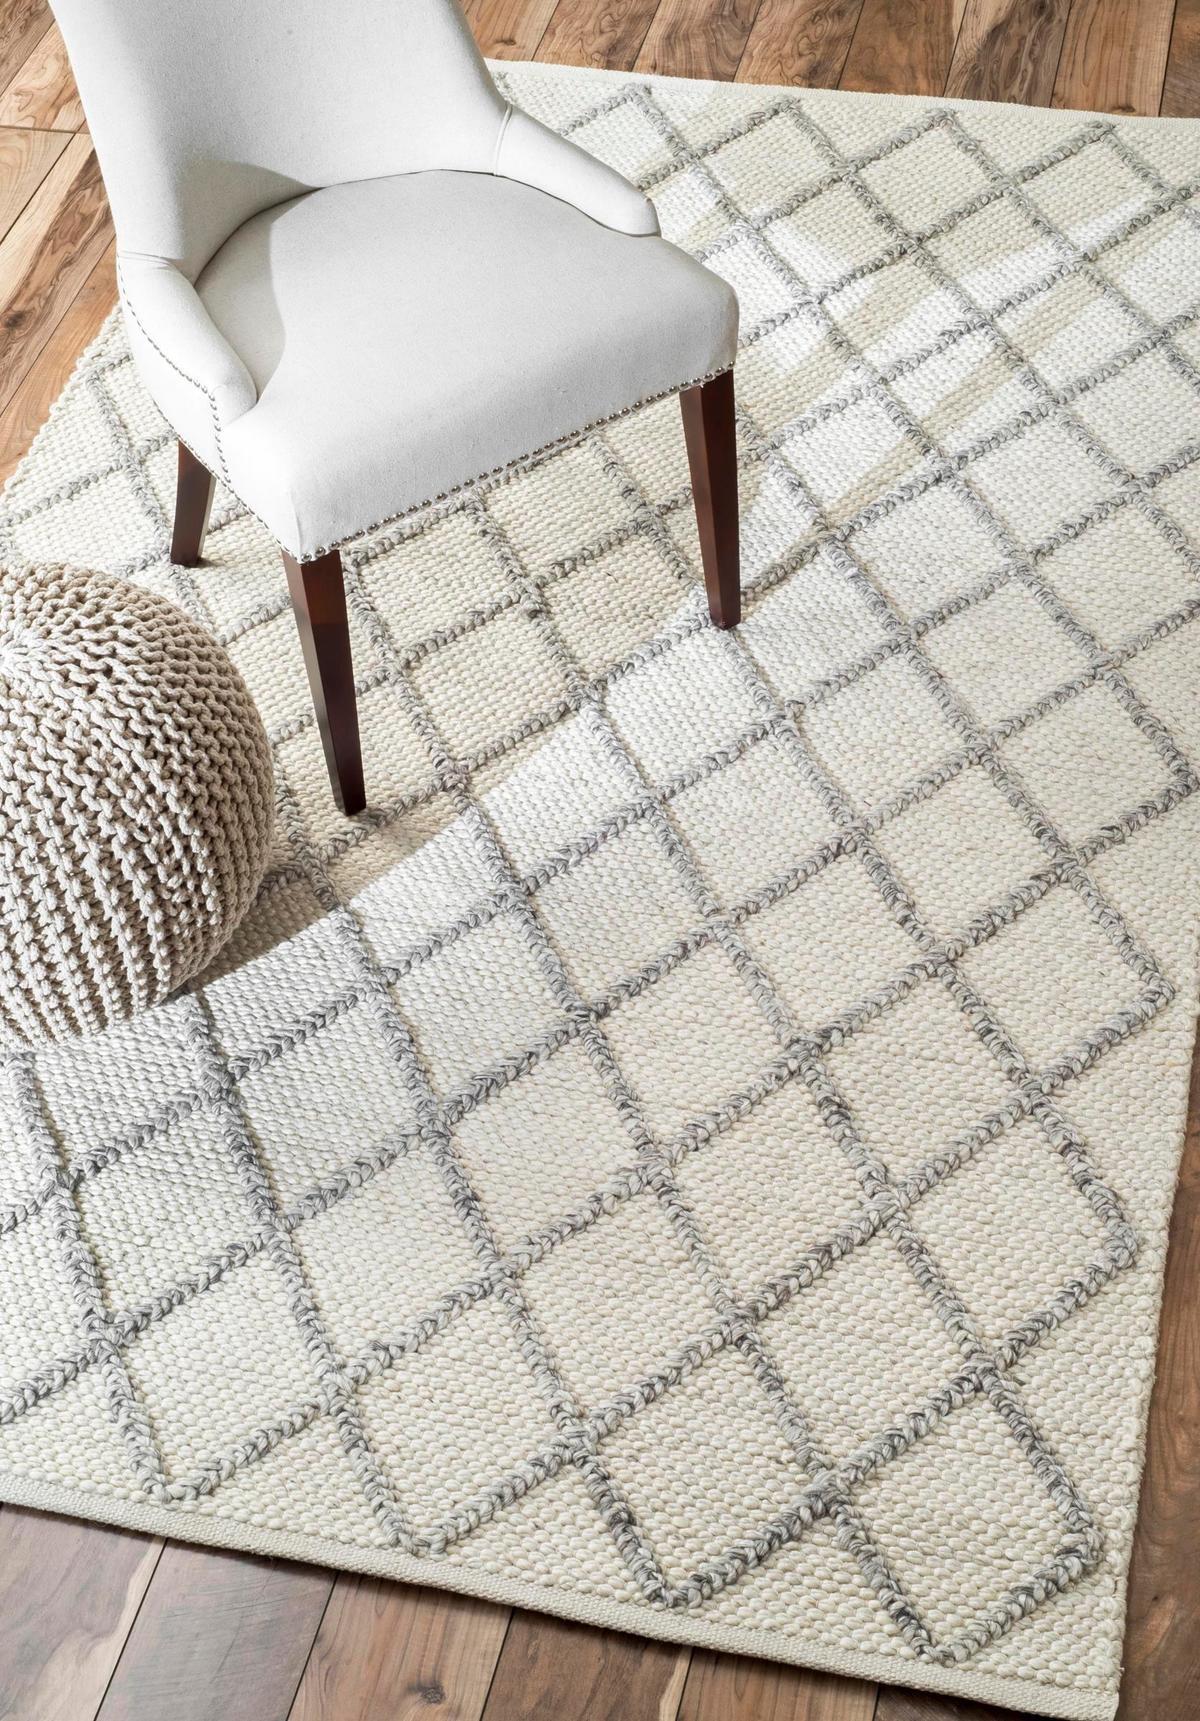 15 Best Ideas Of Flat Weave Wool Area Rugs